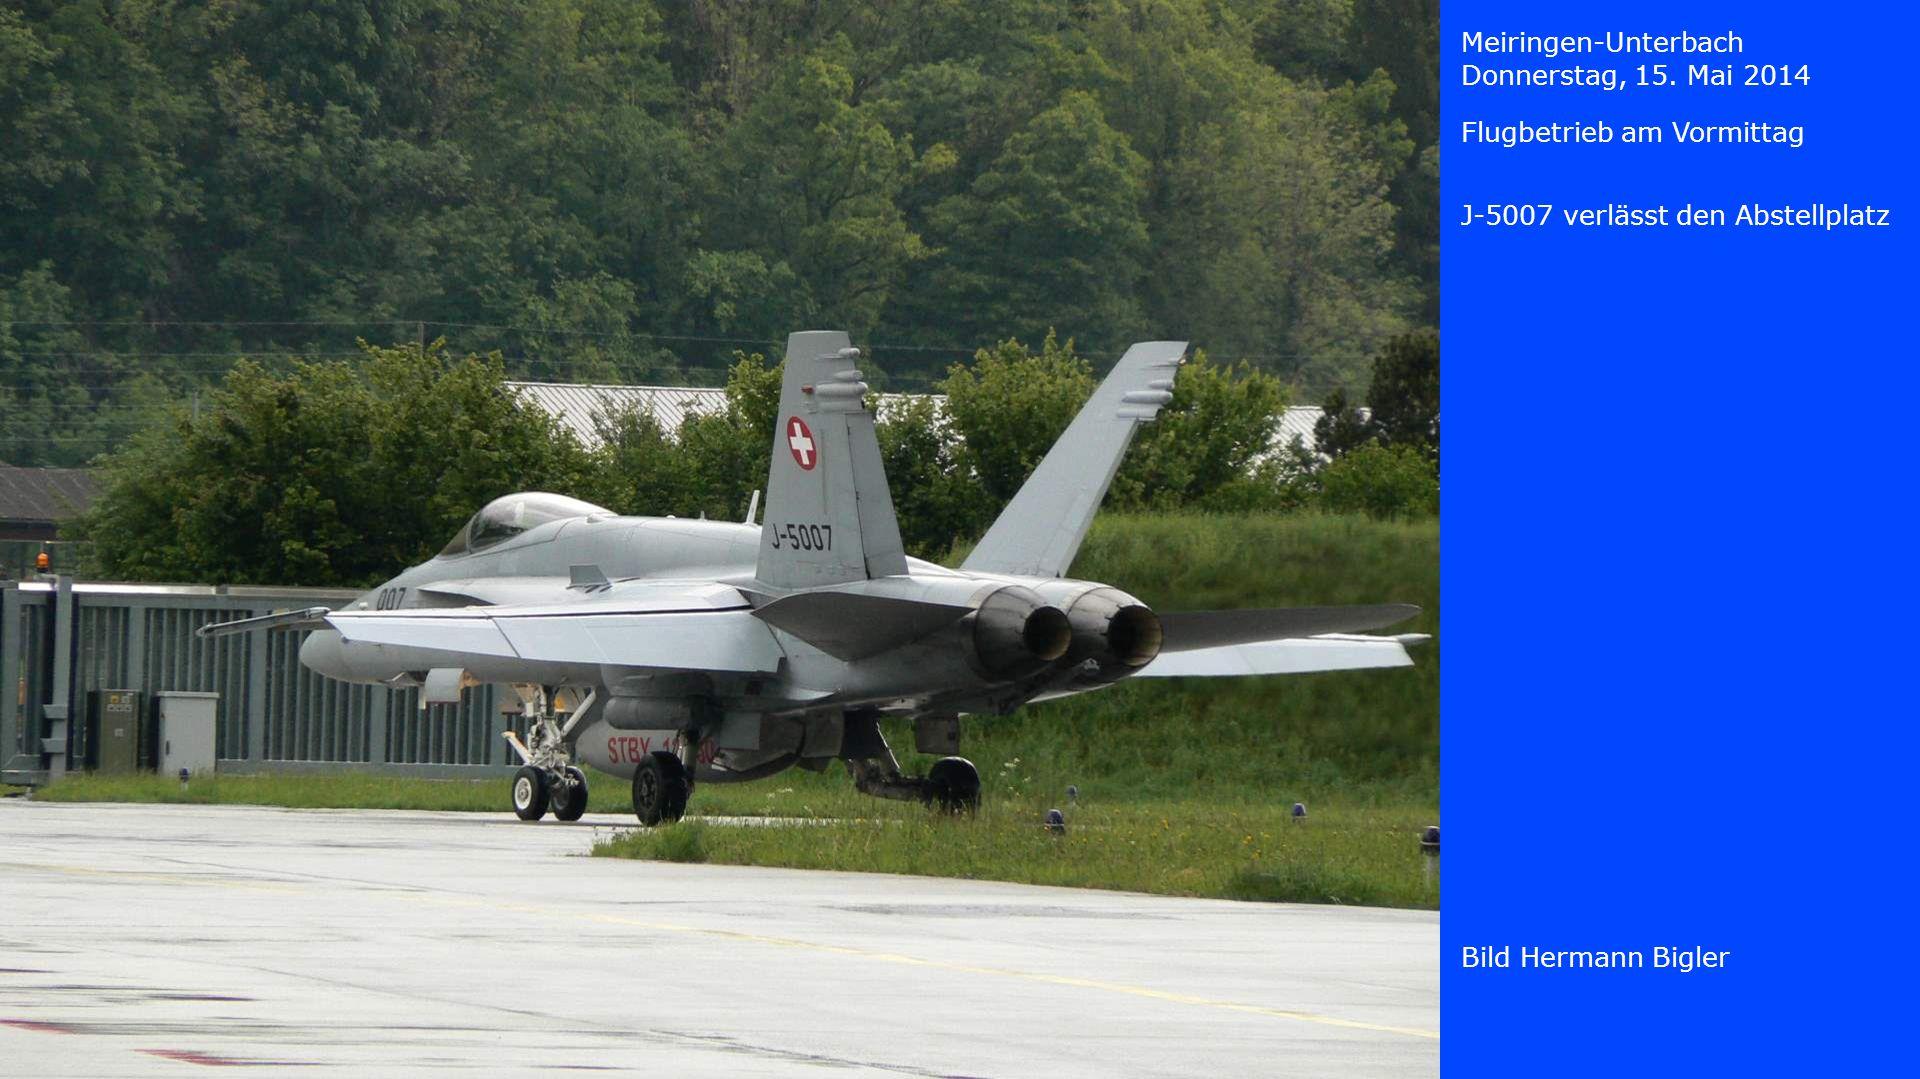 Meiringen-Unterbach Donnerstag, 15. Mai 2014. Flugbetrieb am Vormittag. J-5007 verlässt den Abstellplatz.